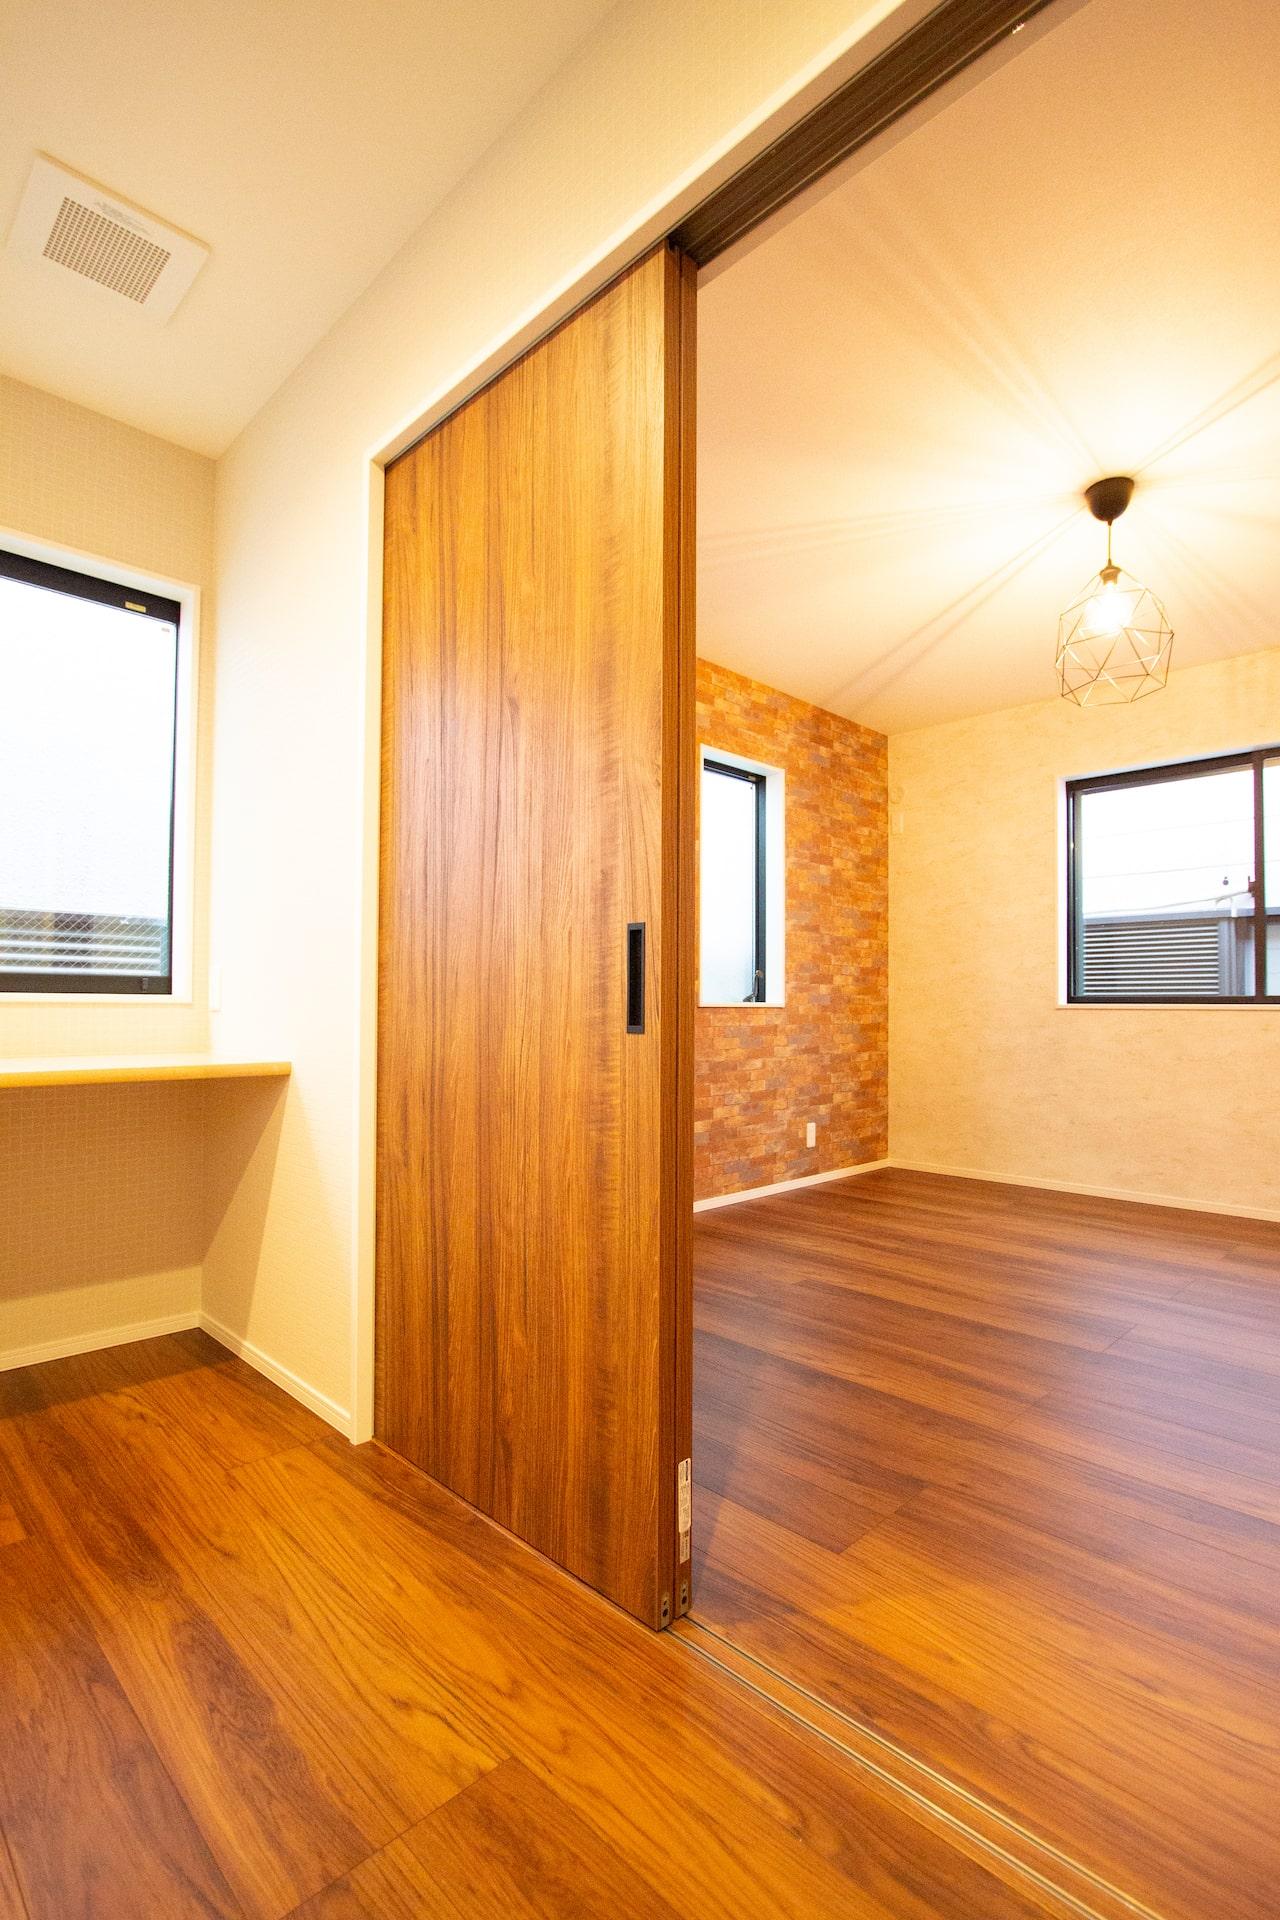 新築 豊中市 内観 階段 2F居室 間仕切り